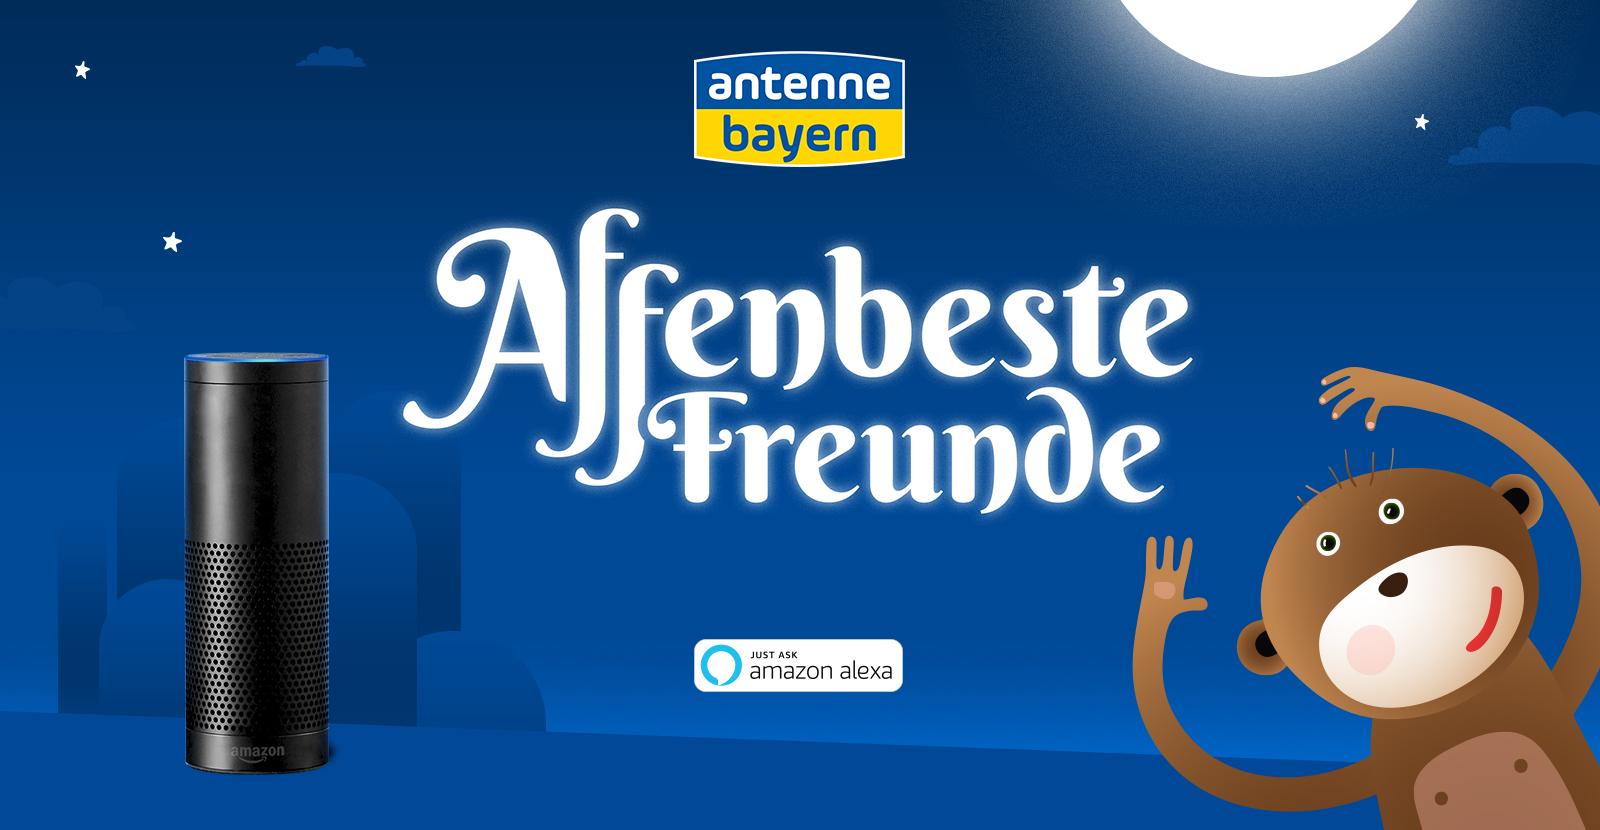 aby_aktionen_alexa_affenbeste_freunde_presse_1600_830